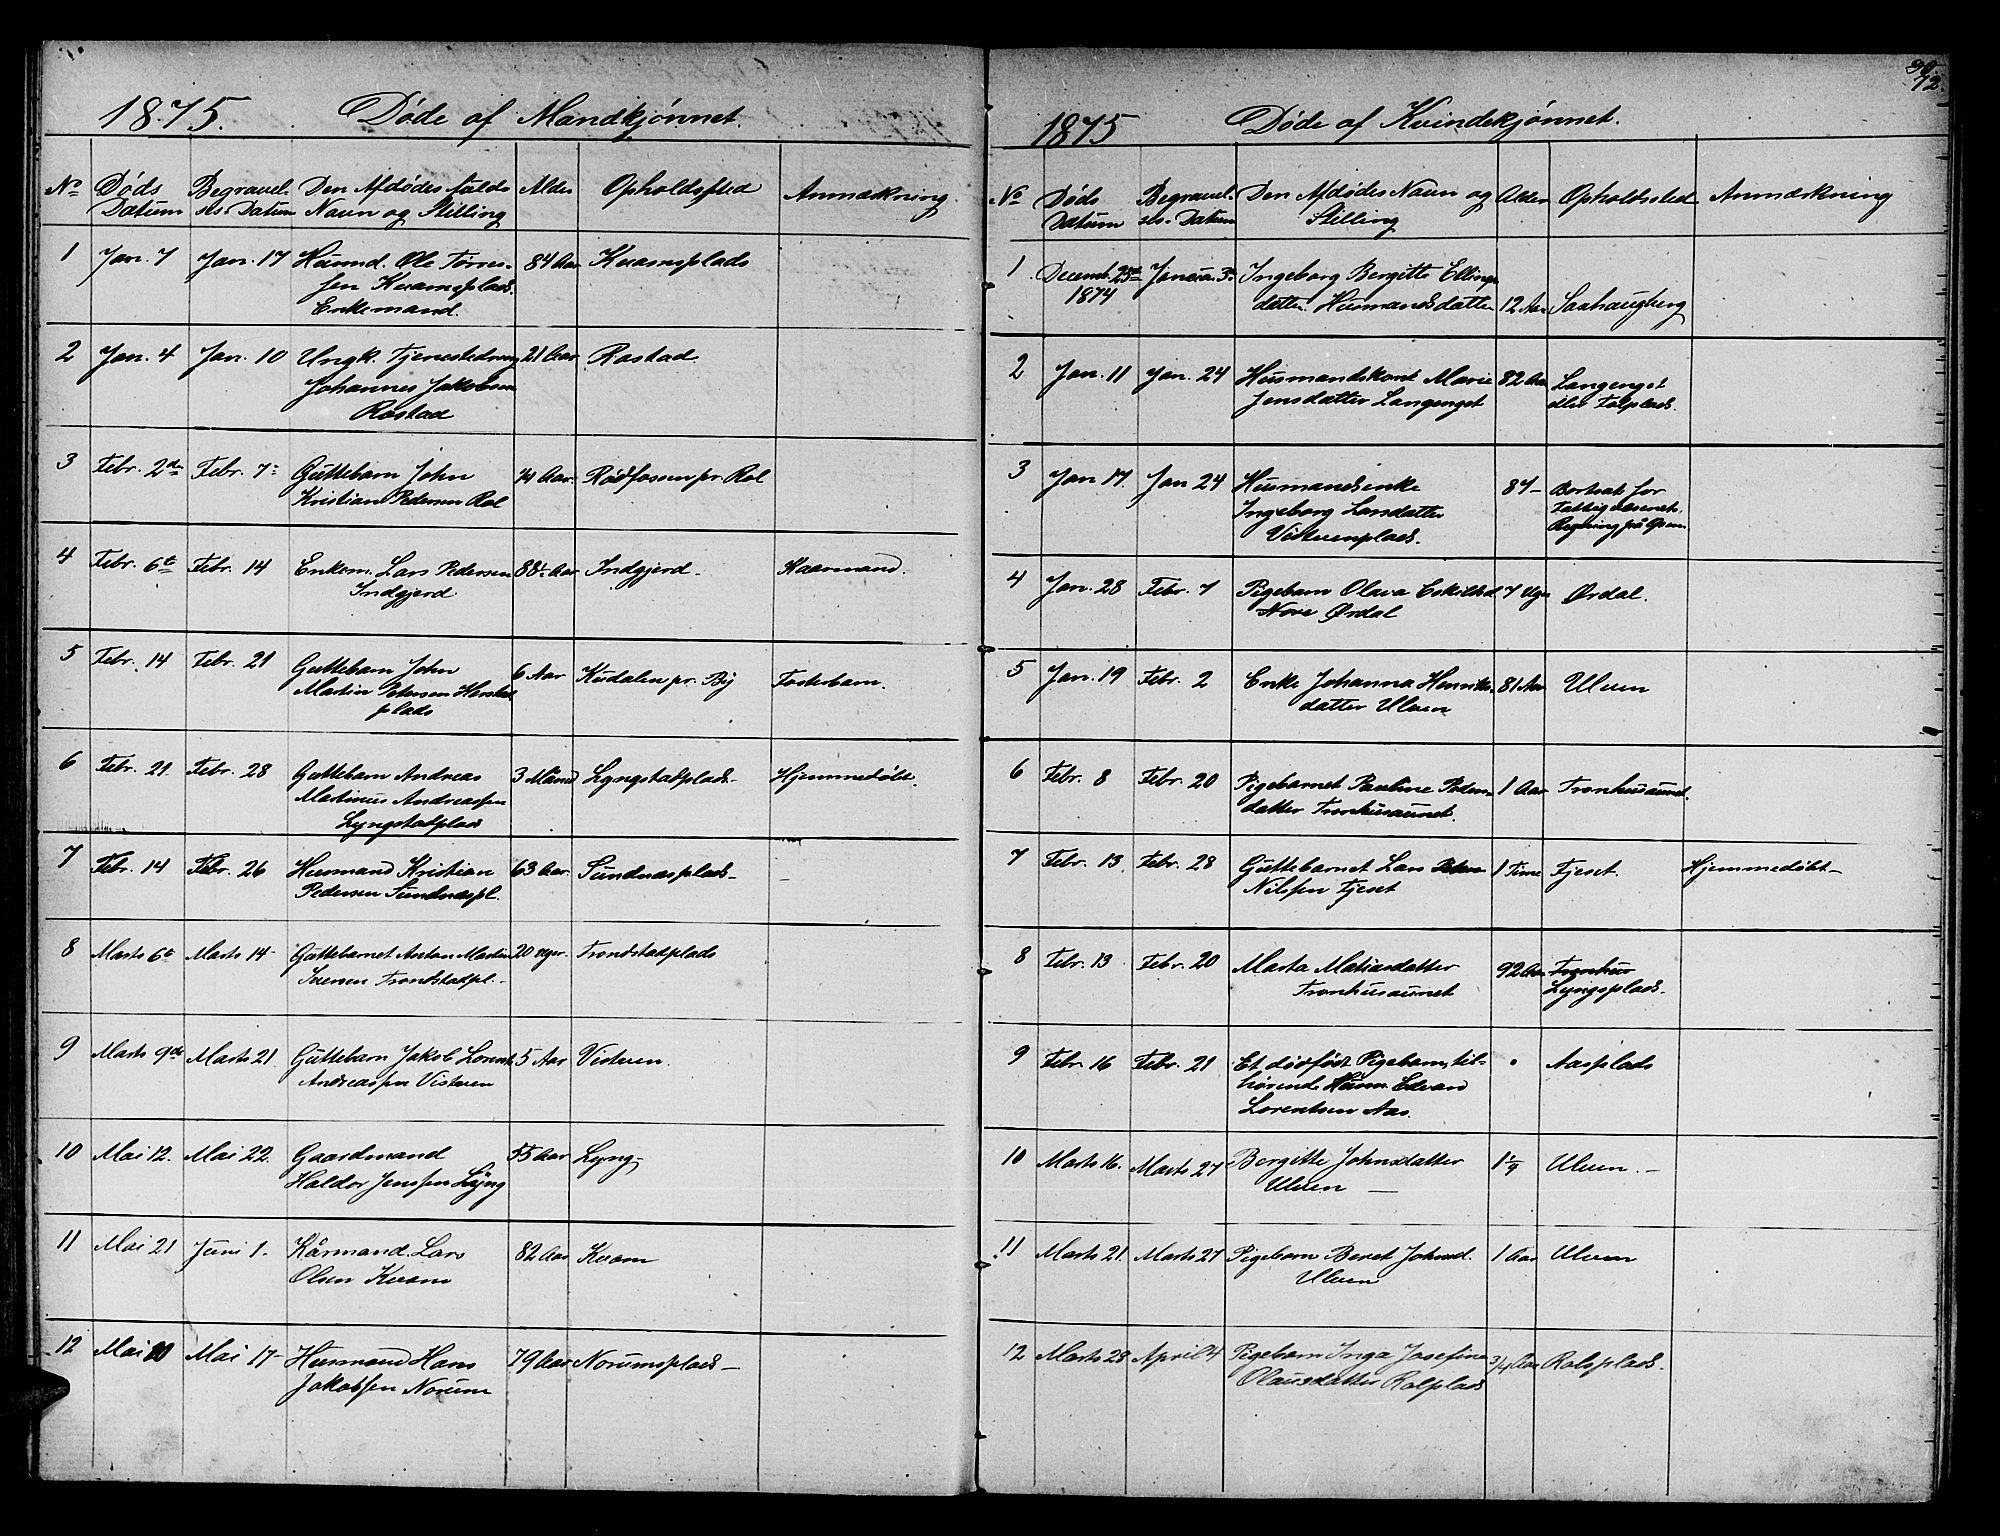 SAT, Ministerialprotokoller, klokkerbøker og fødselsregistre - Nord-Trøndelag, 730/L0300: Klokkerbok nr. 730C03, 1872-1879, s. 72